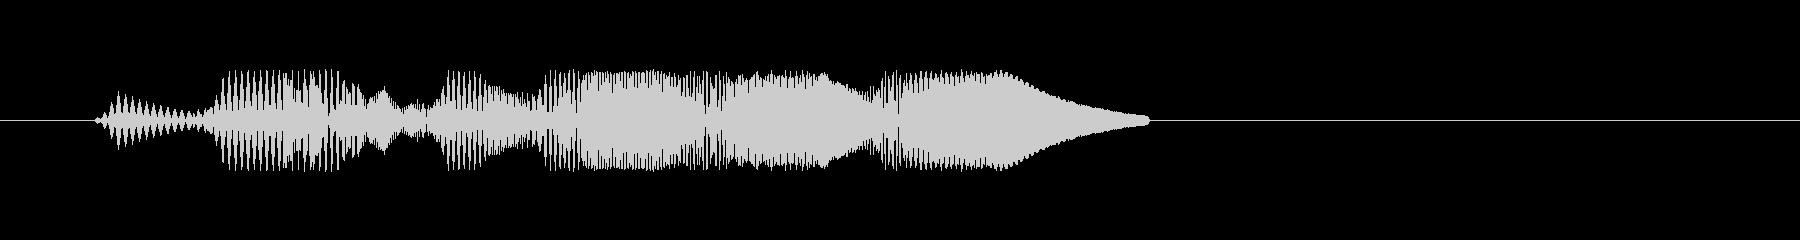 ファミコン風効果音決定音系です 11の未再生の波形